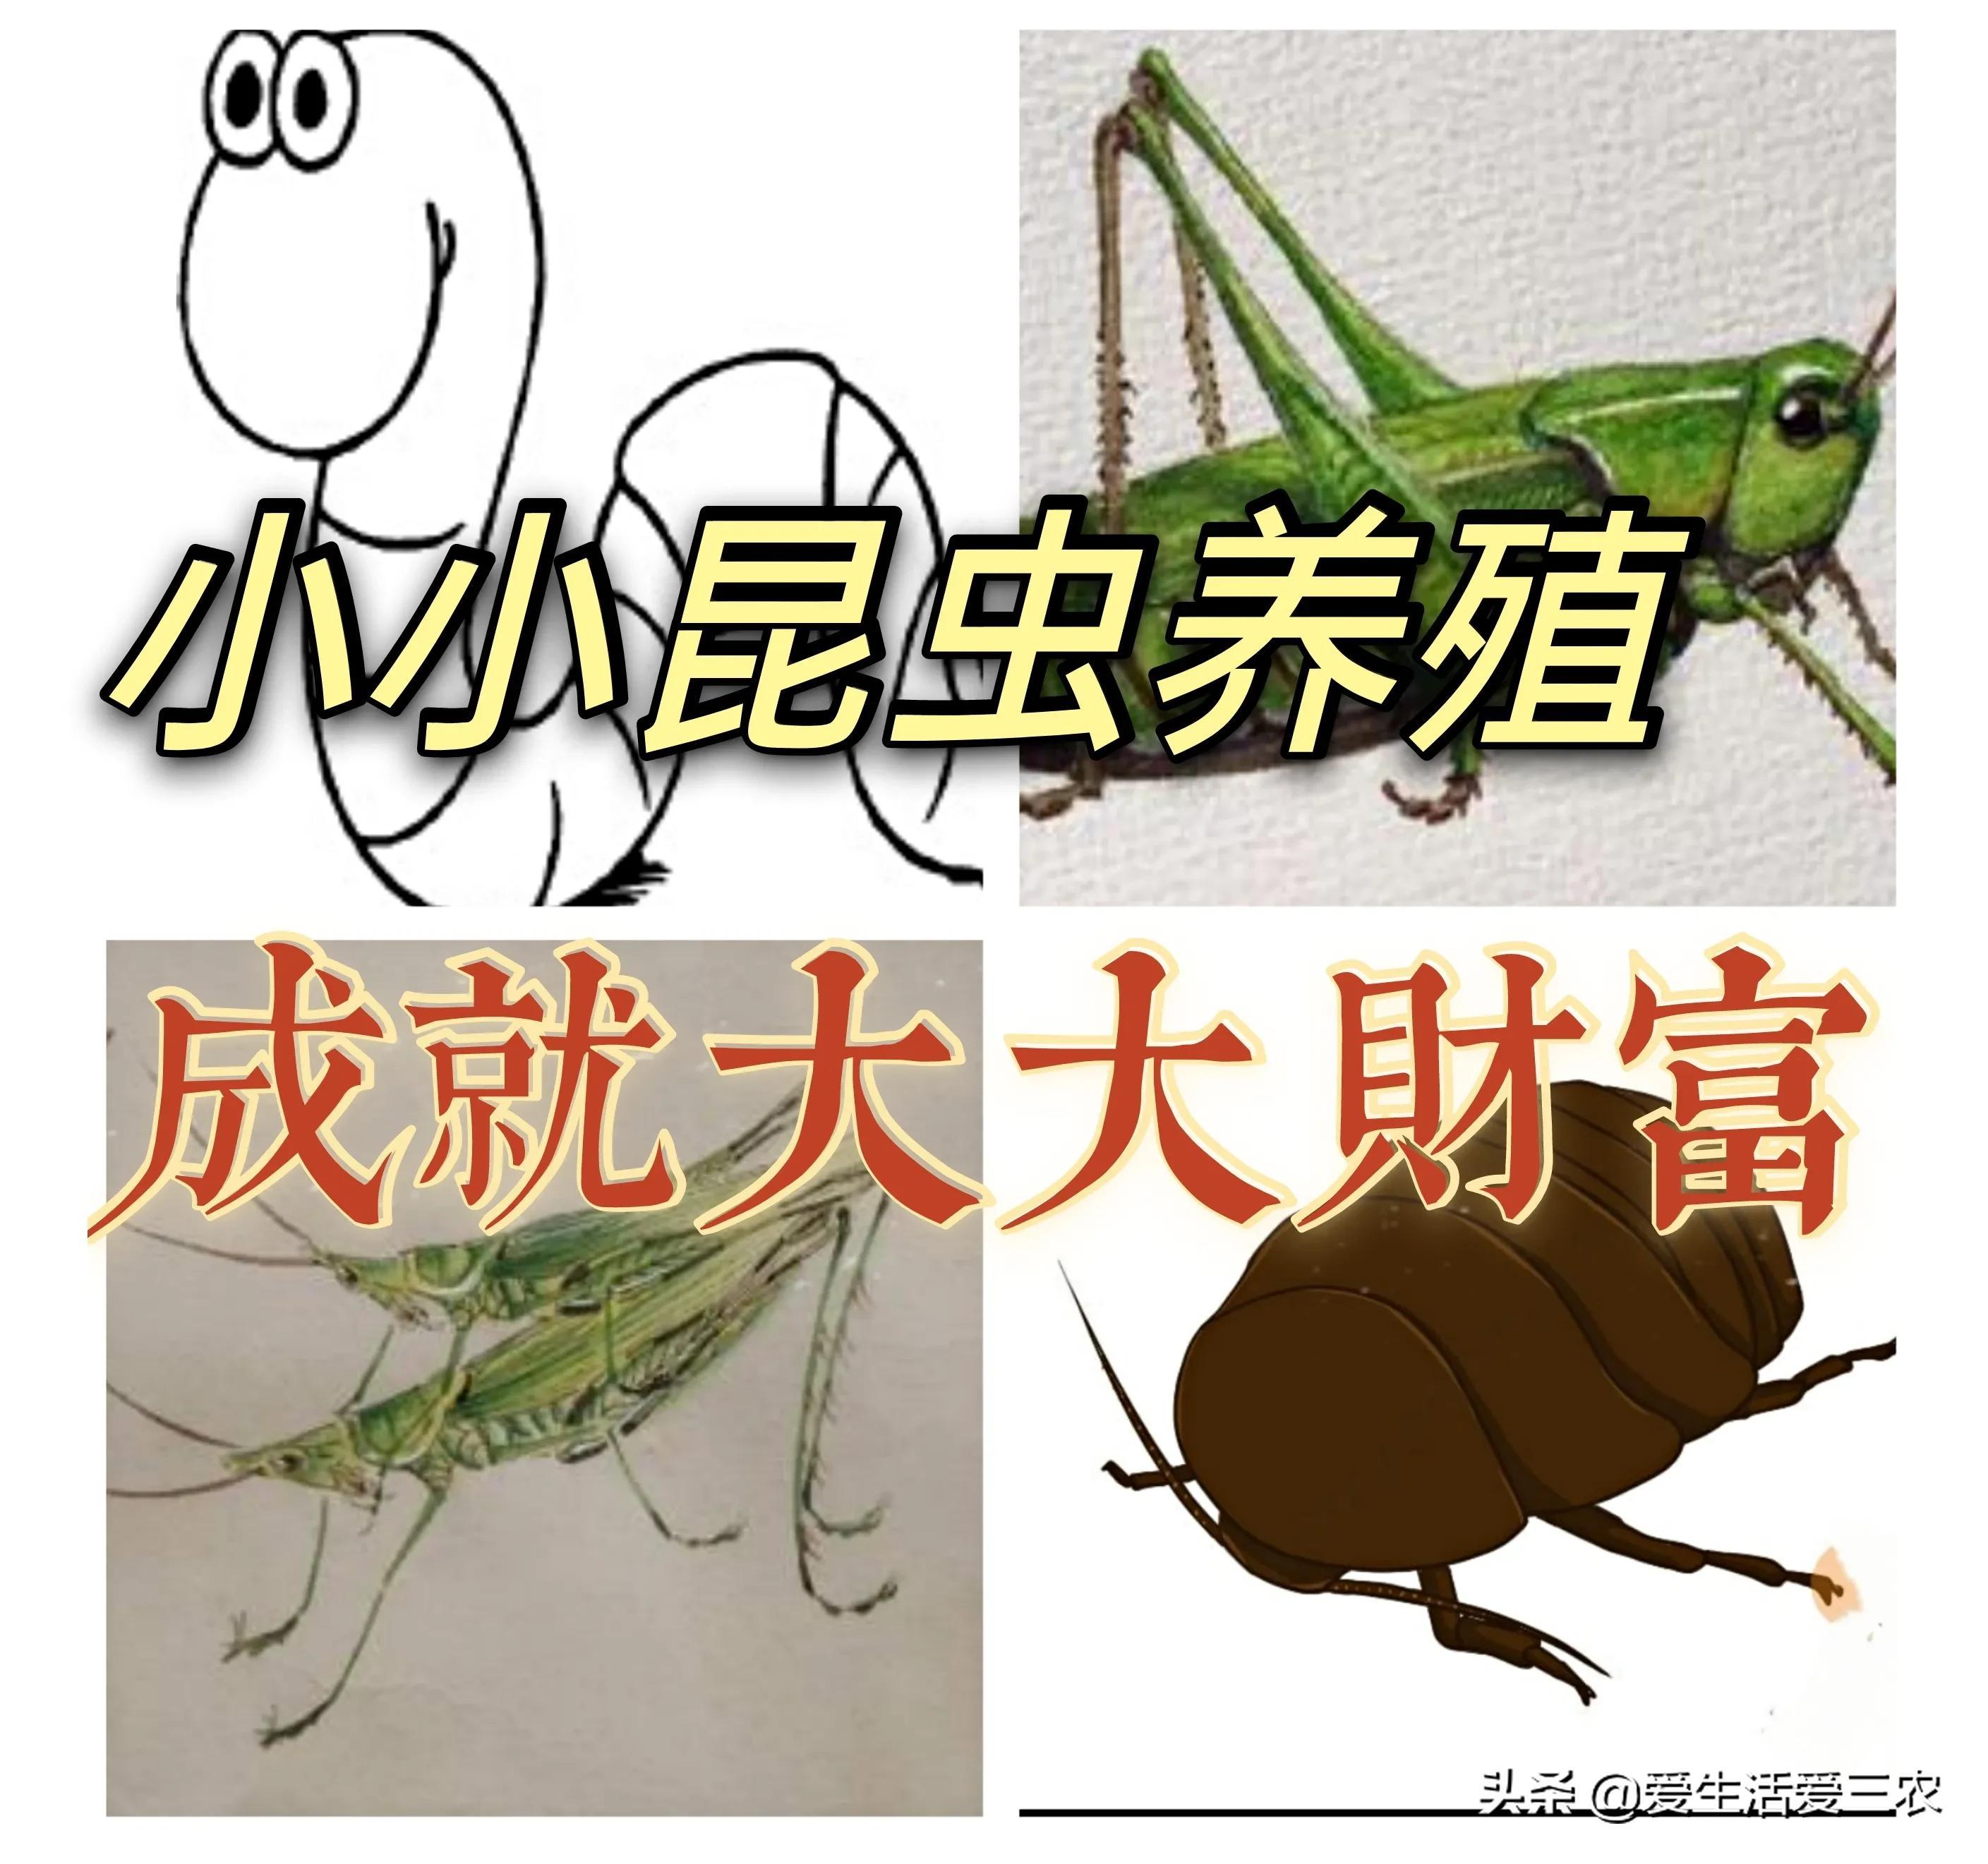 农村4大冷门养殖——养小虫,挣大钱!